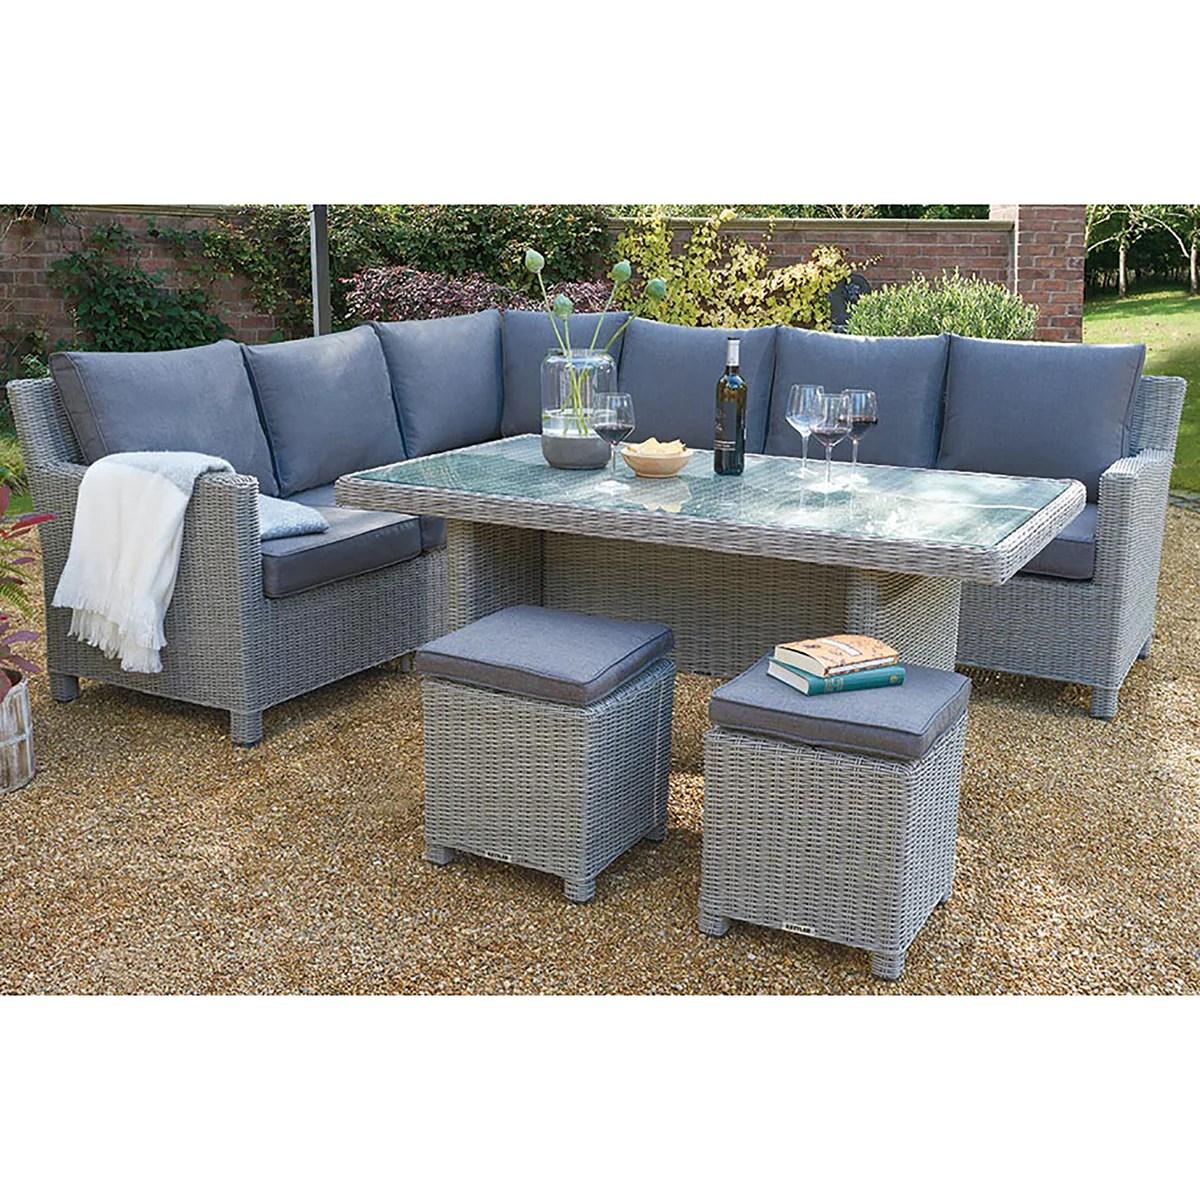 Garden Egg Sofa   Grey Rattan Garden Egg Chair Snuggle Seat With ...